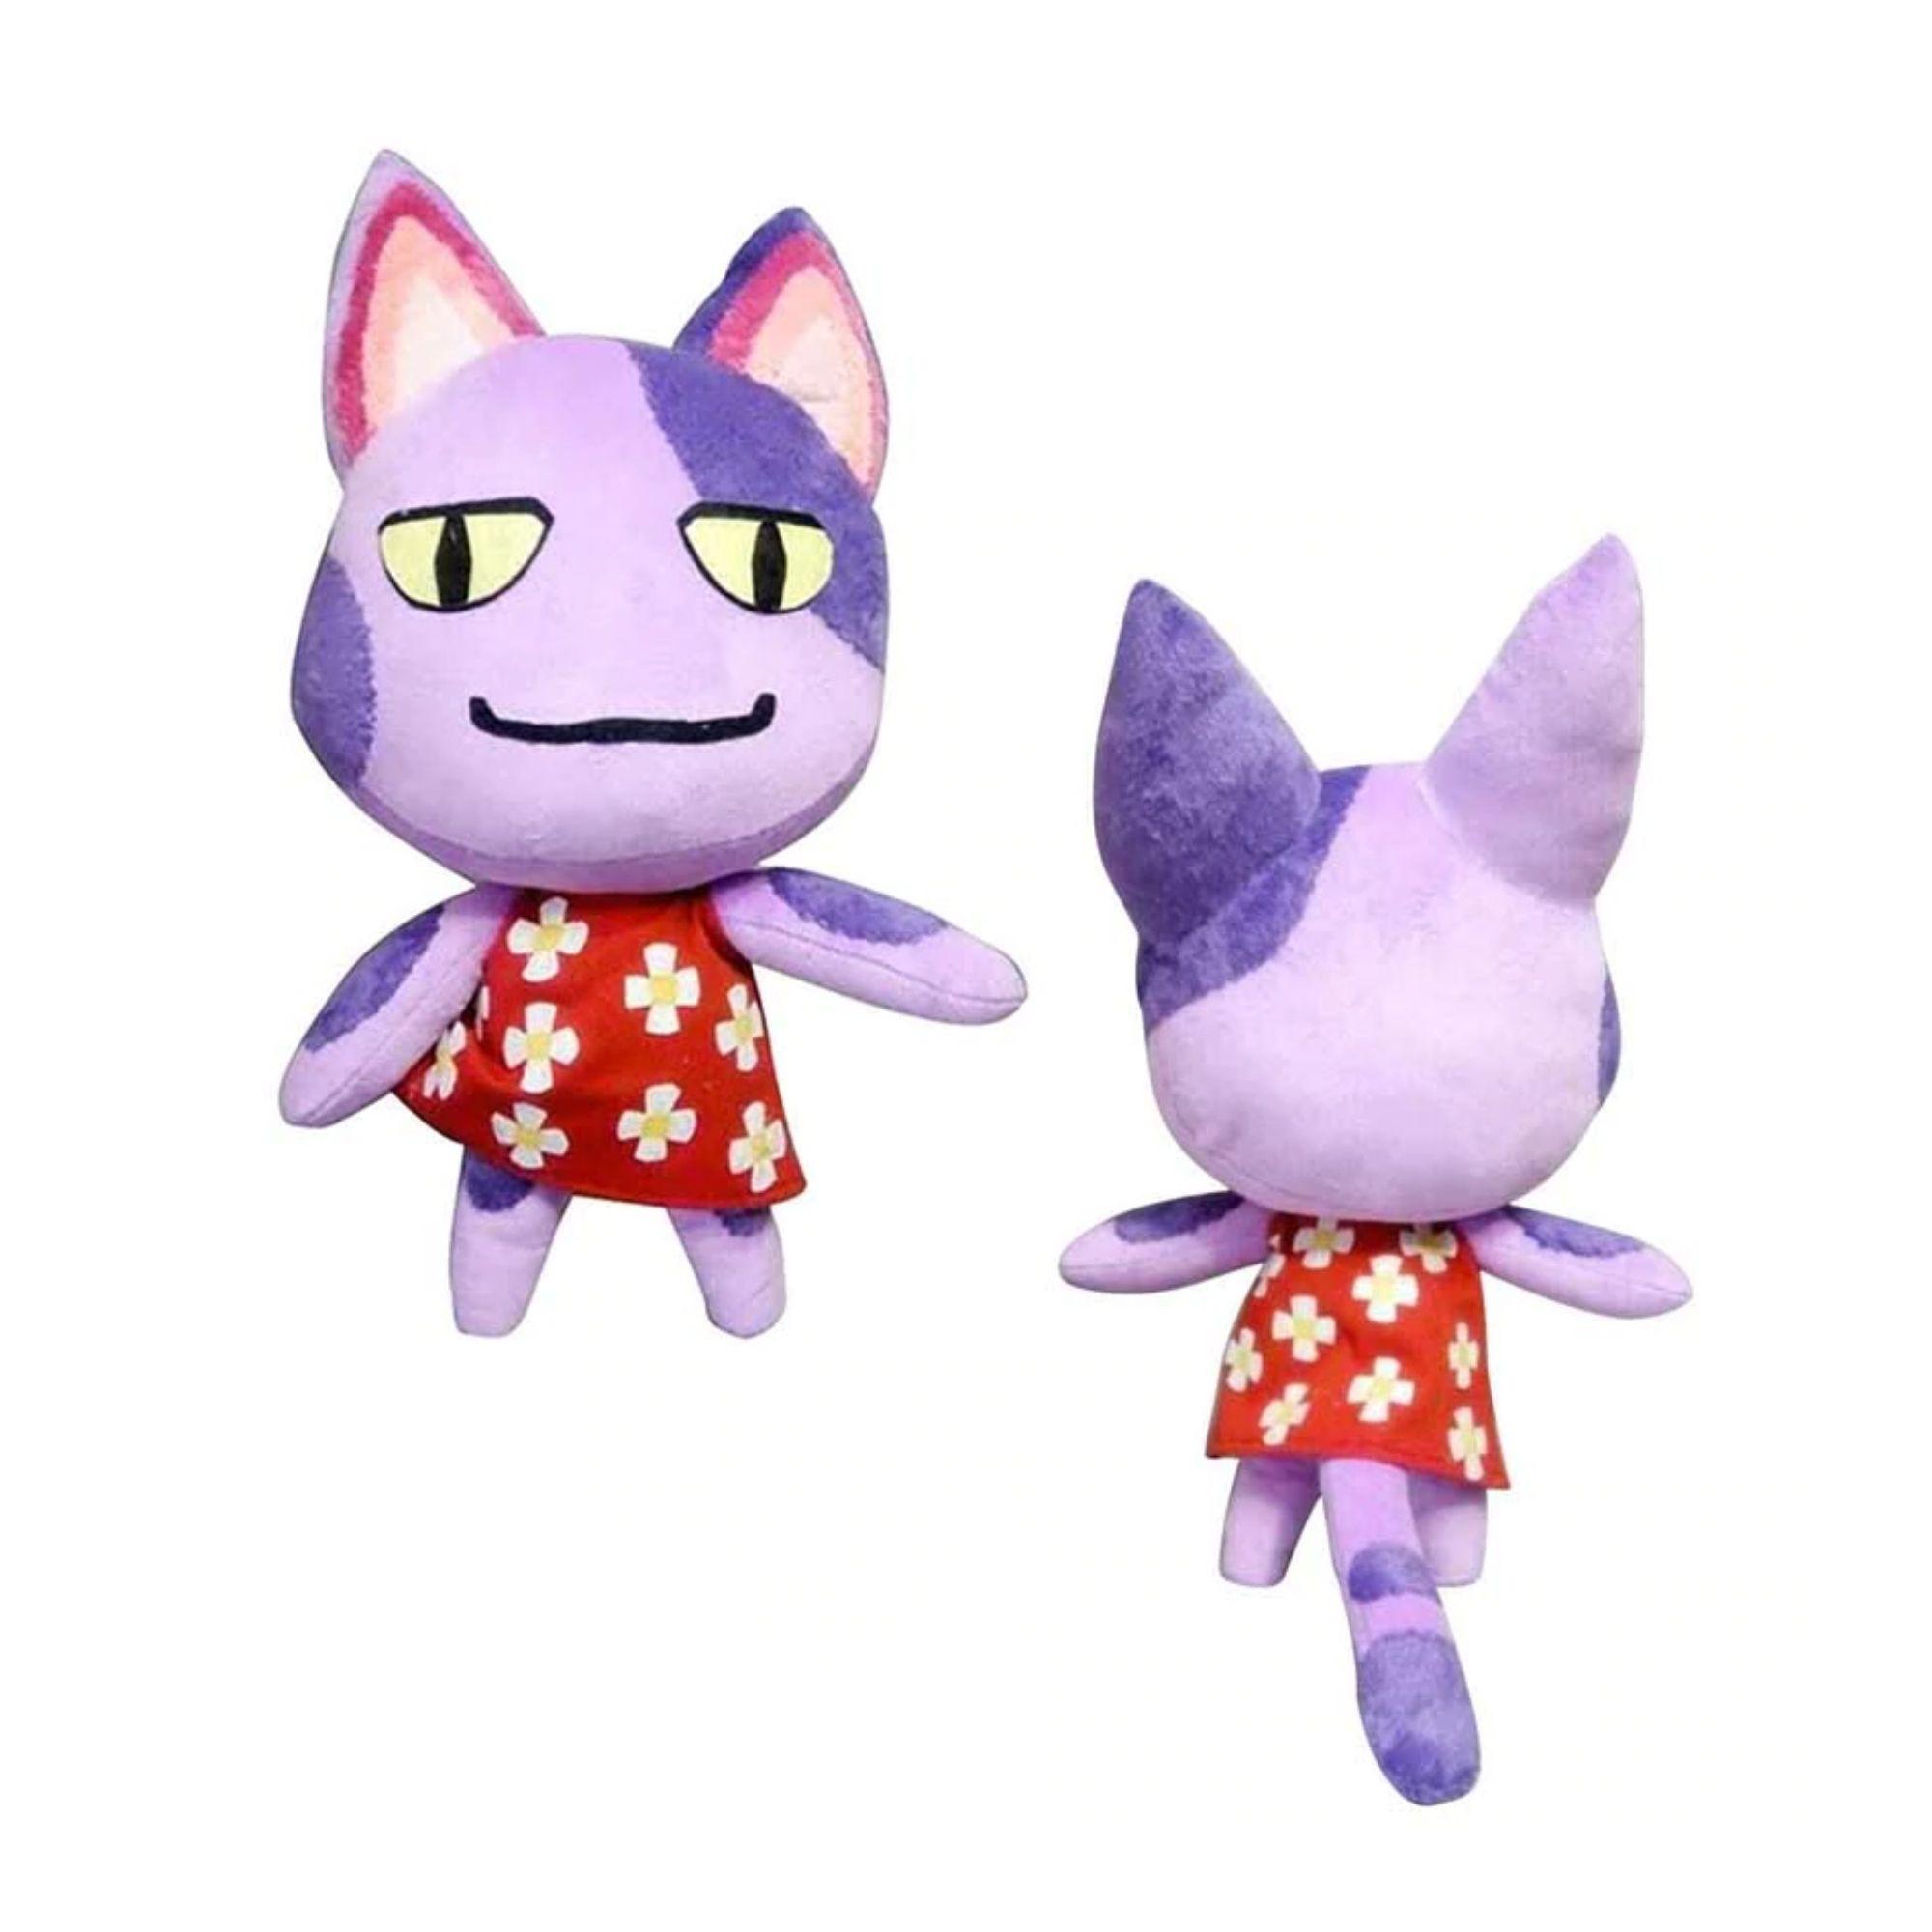 Boneco de Pelucia Animal Crossing do jogo da Nintendo Switch Diversos Modelos  - Game Land Brinquedos